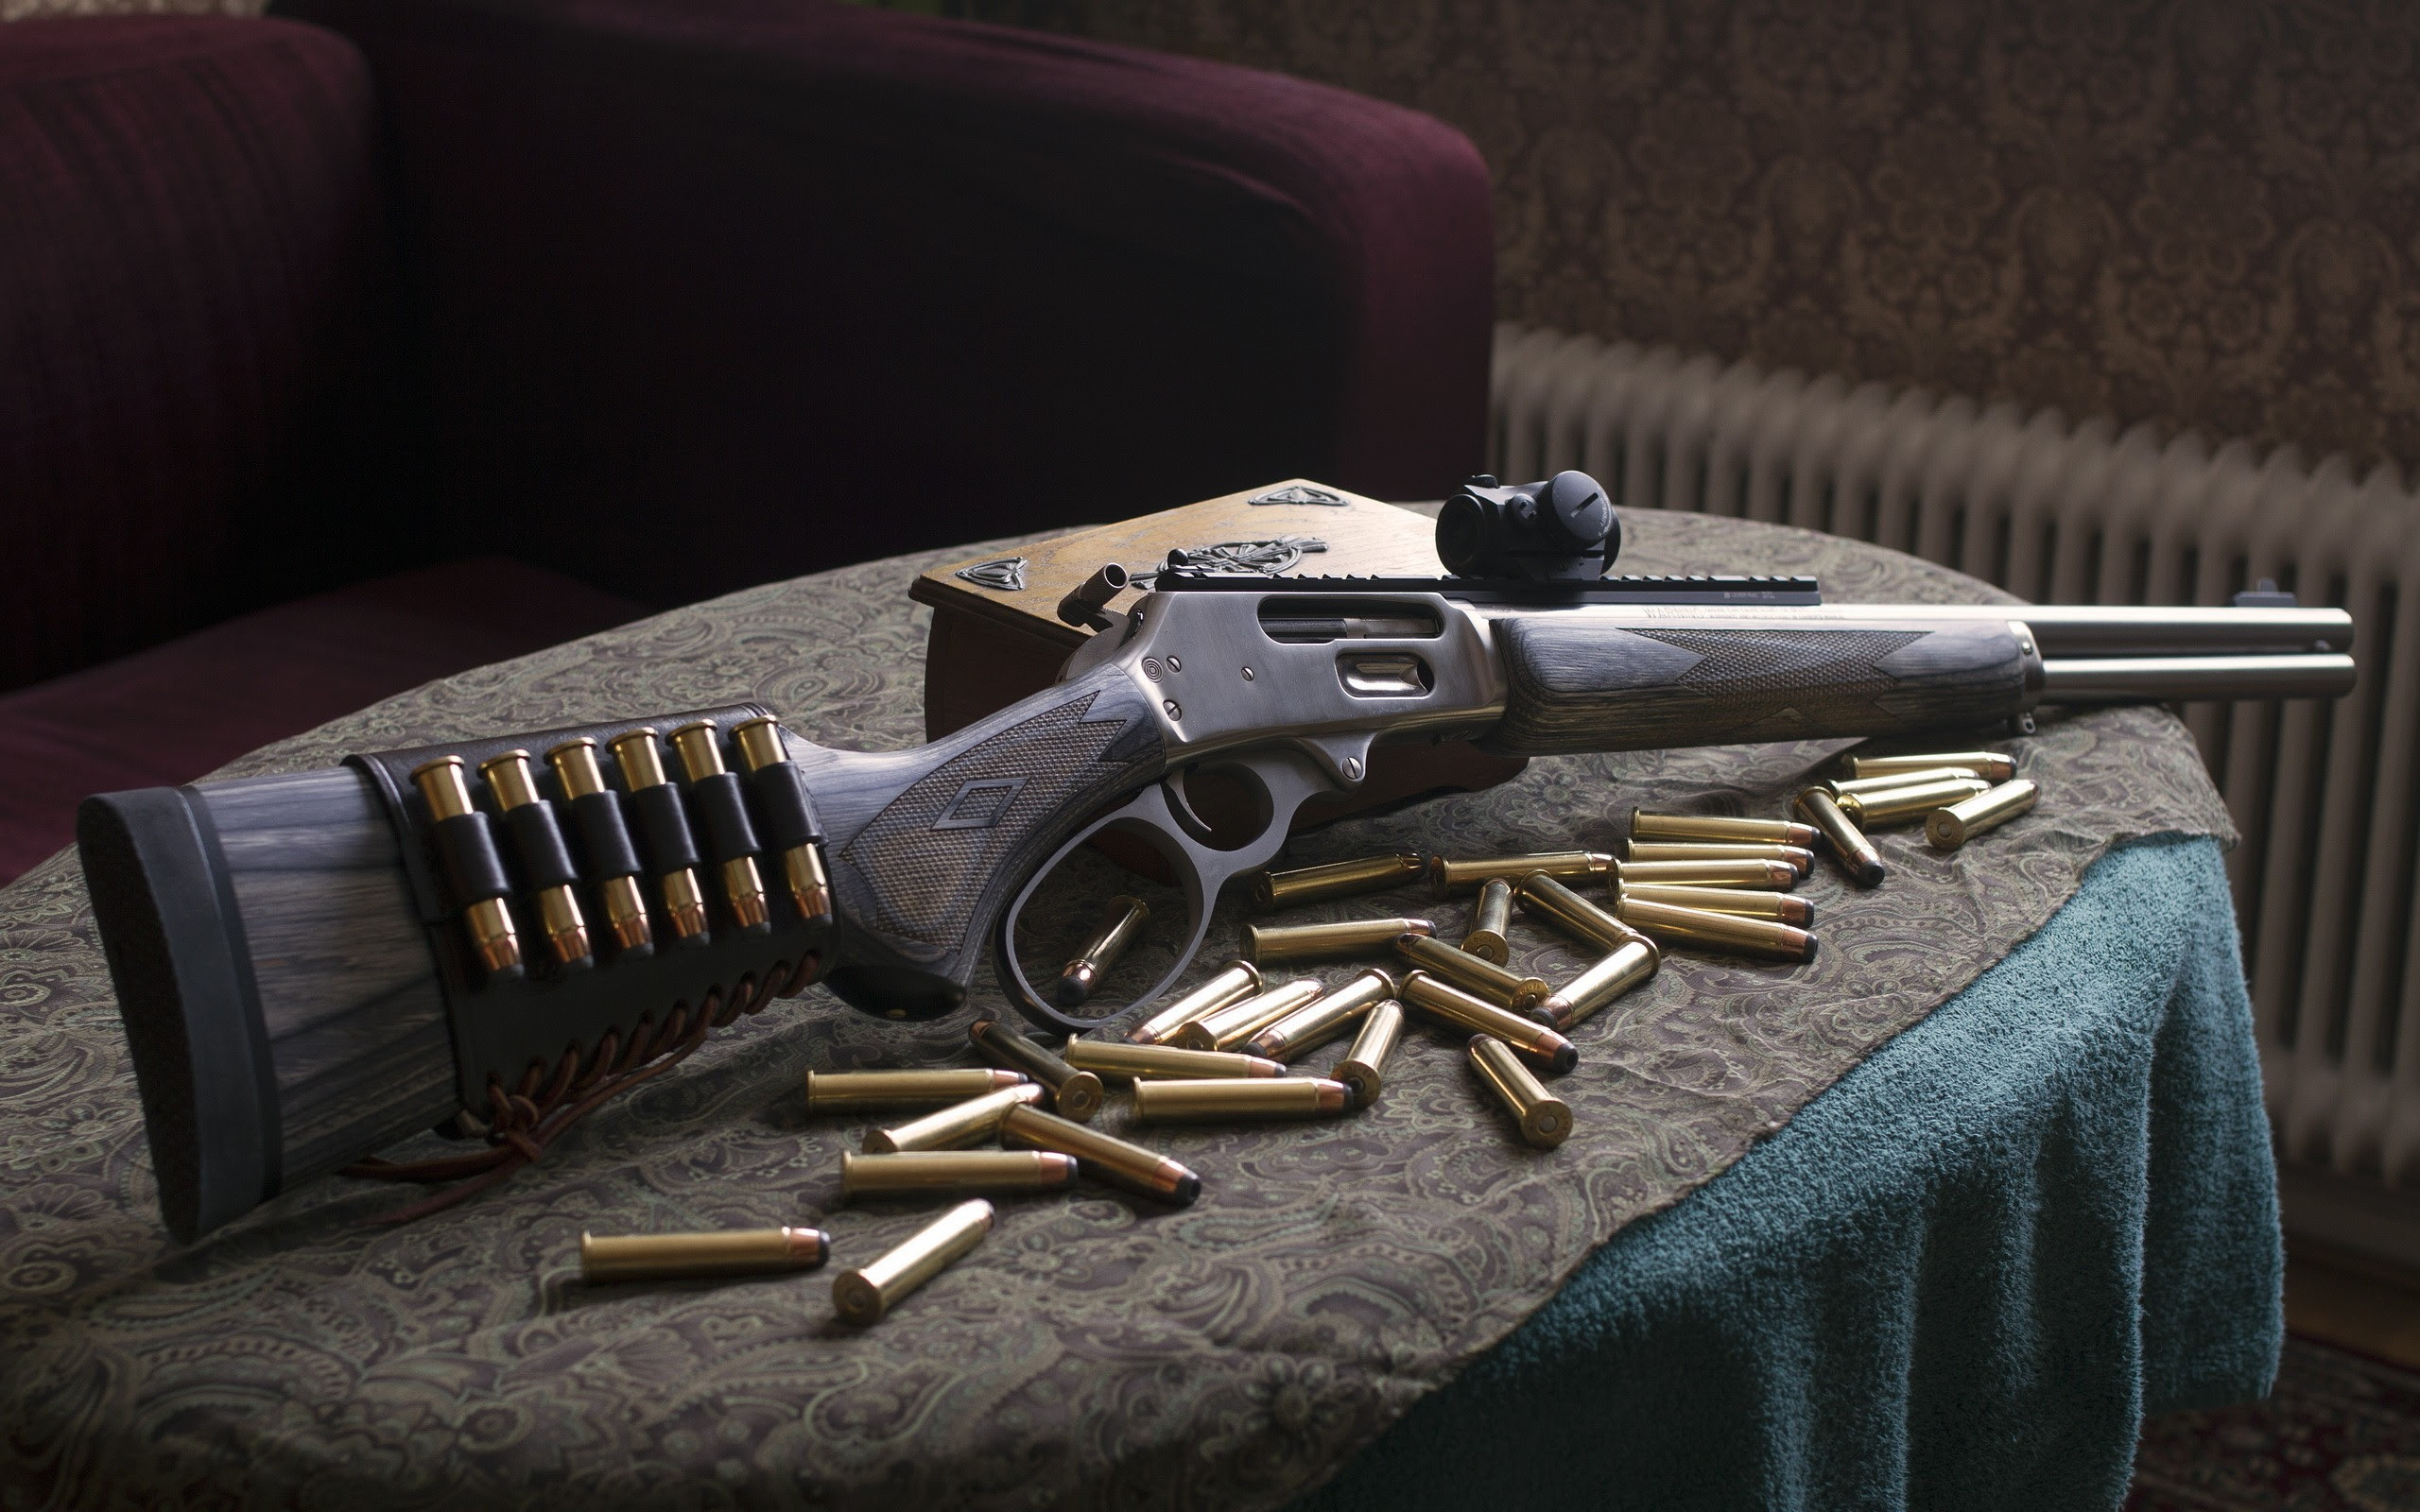 Gun Wallpapers and Screensavers (62+ images)